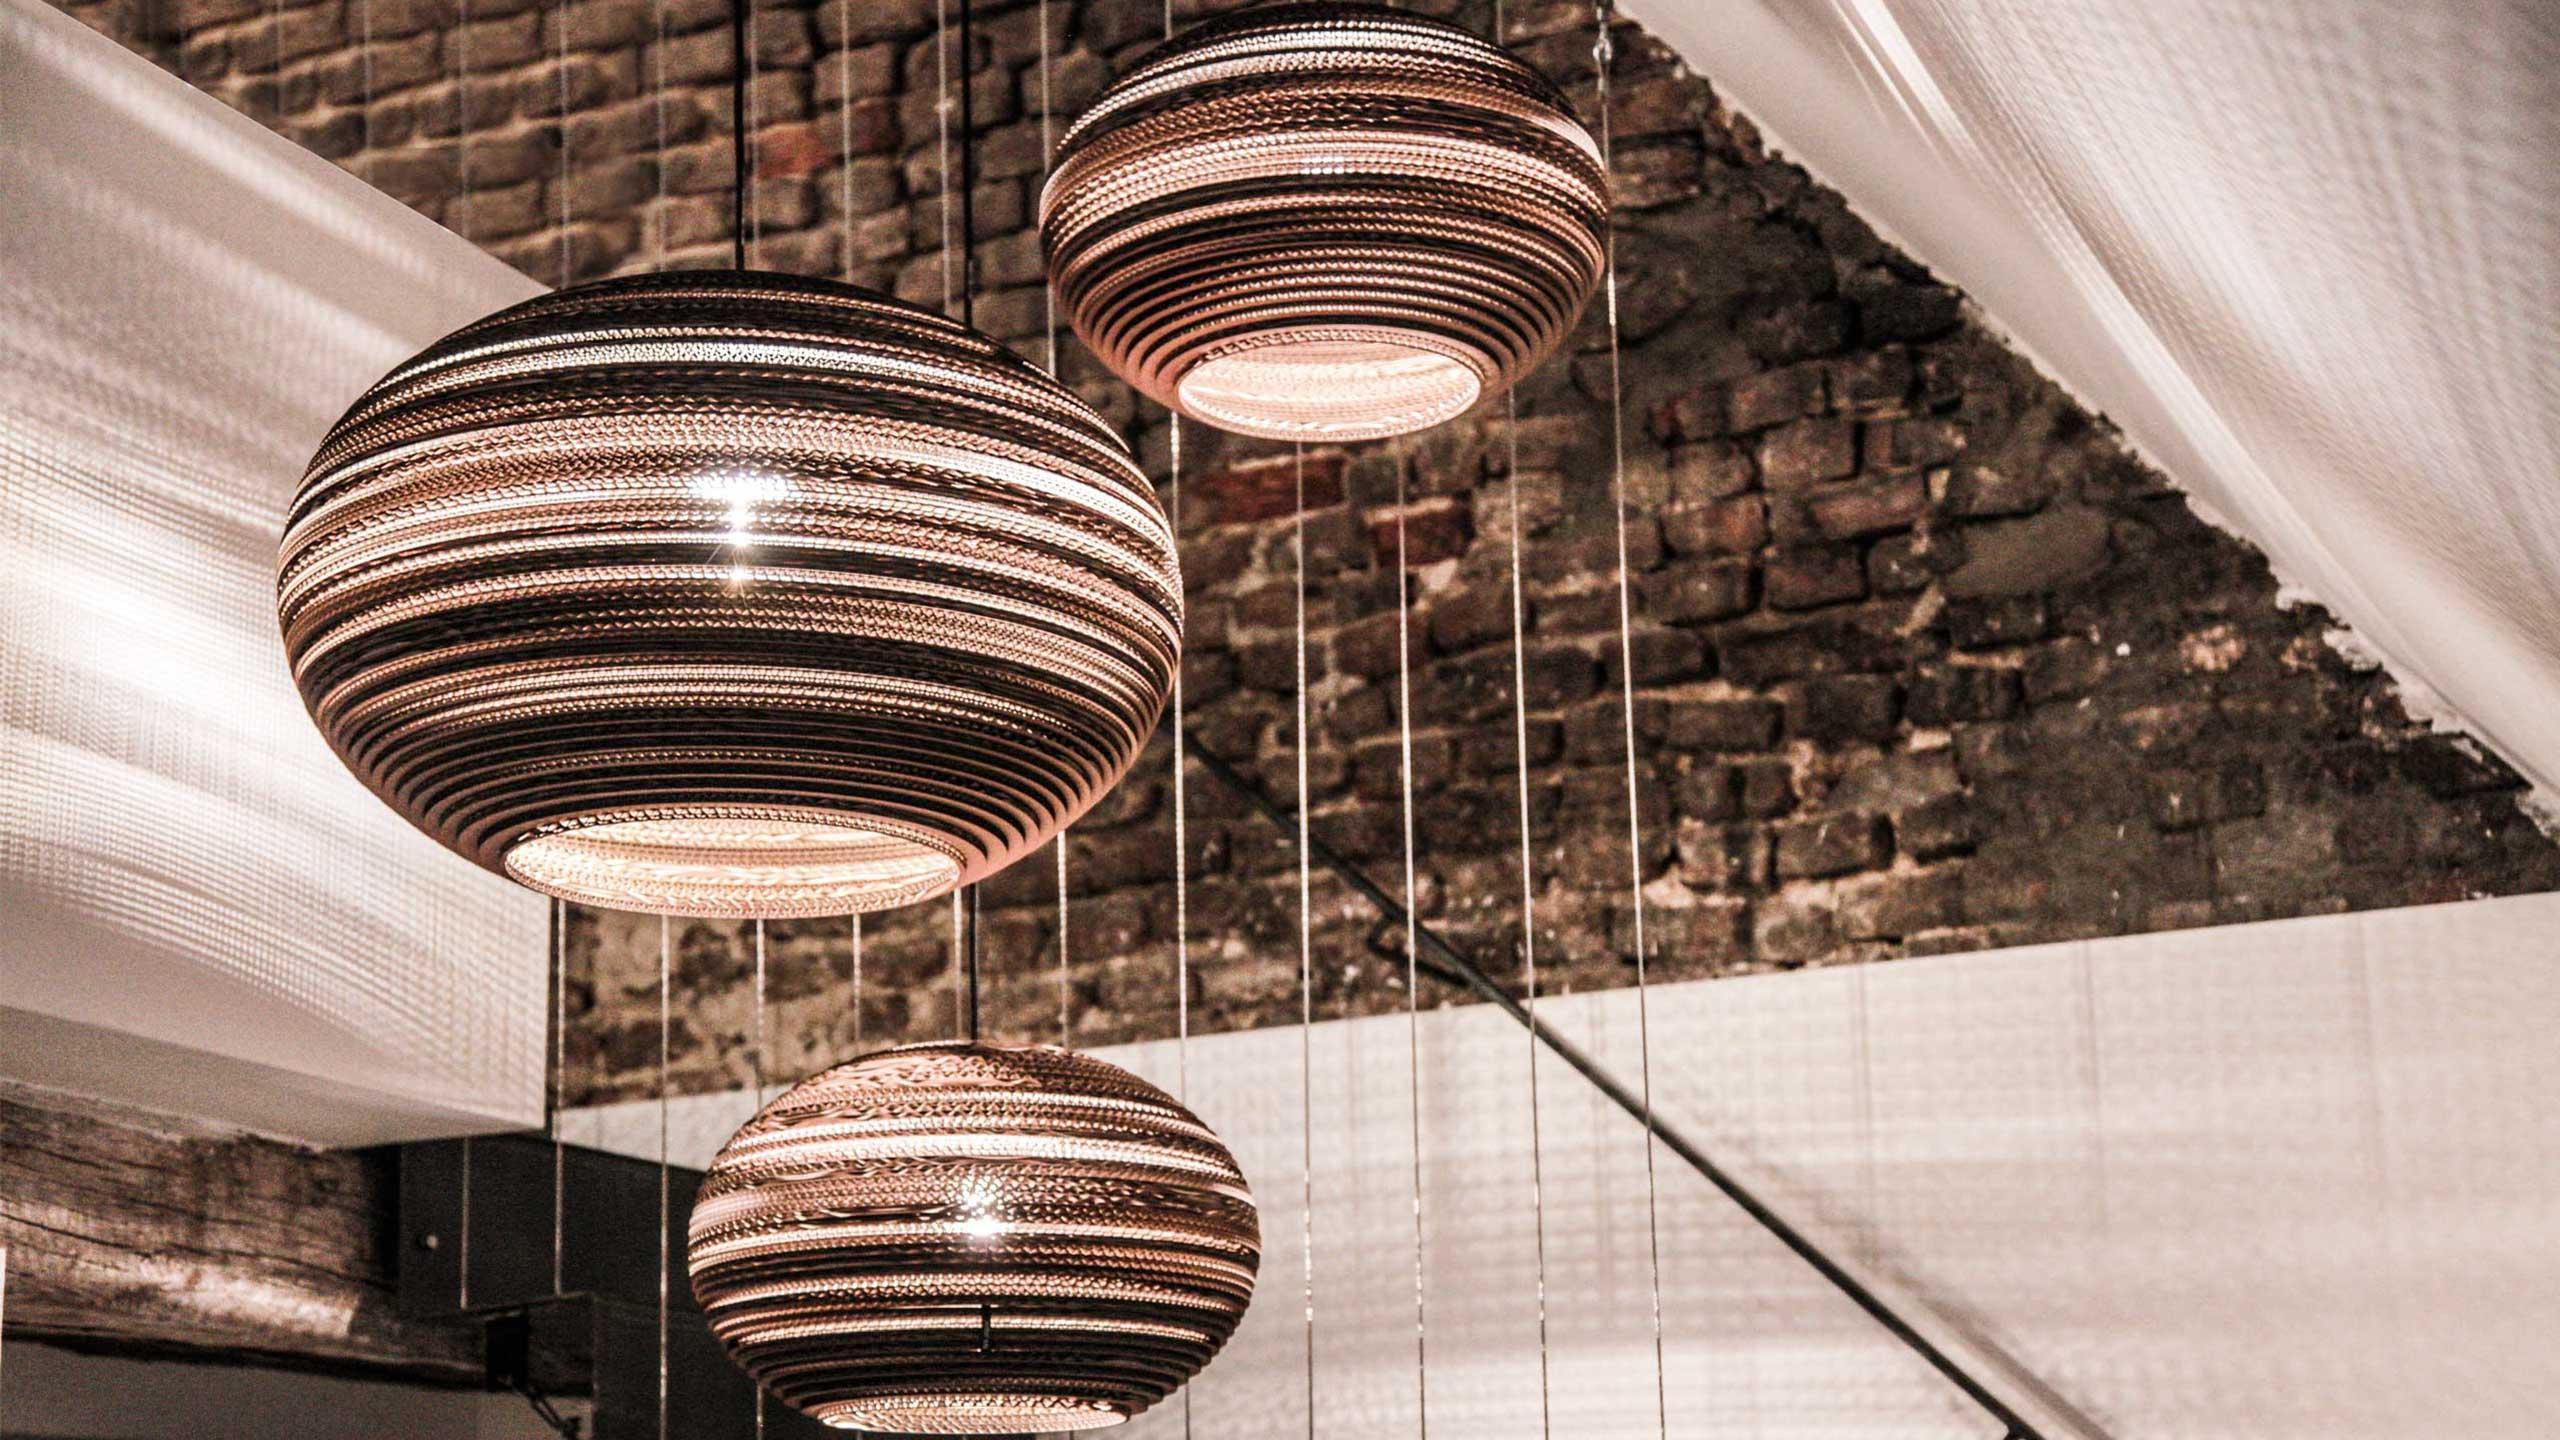 aanbieding think paper classy 640 te koop designtopics design verlichting lamp webshop